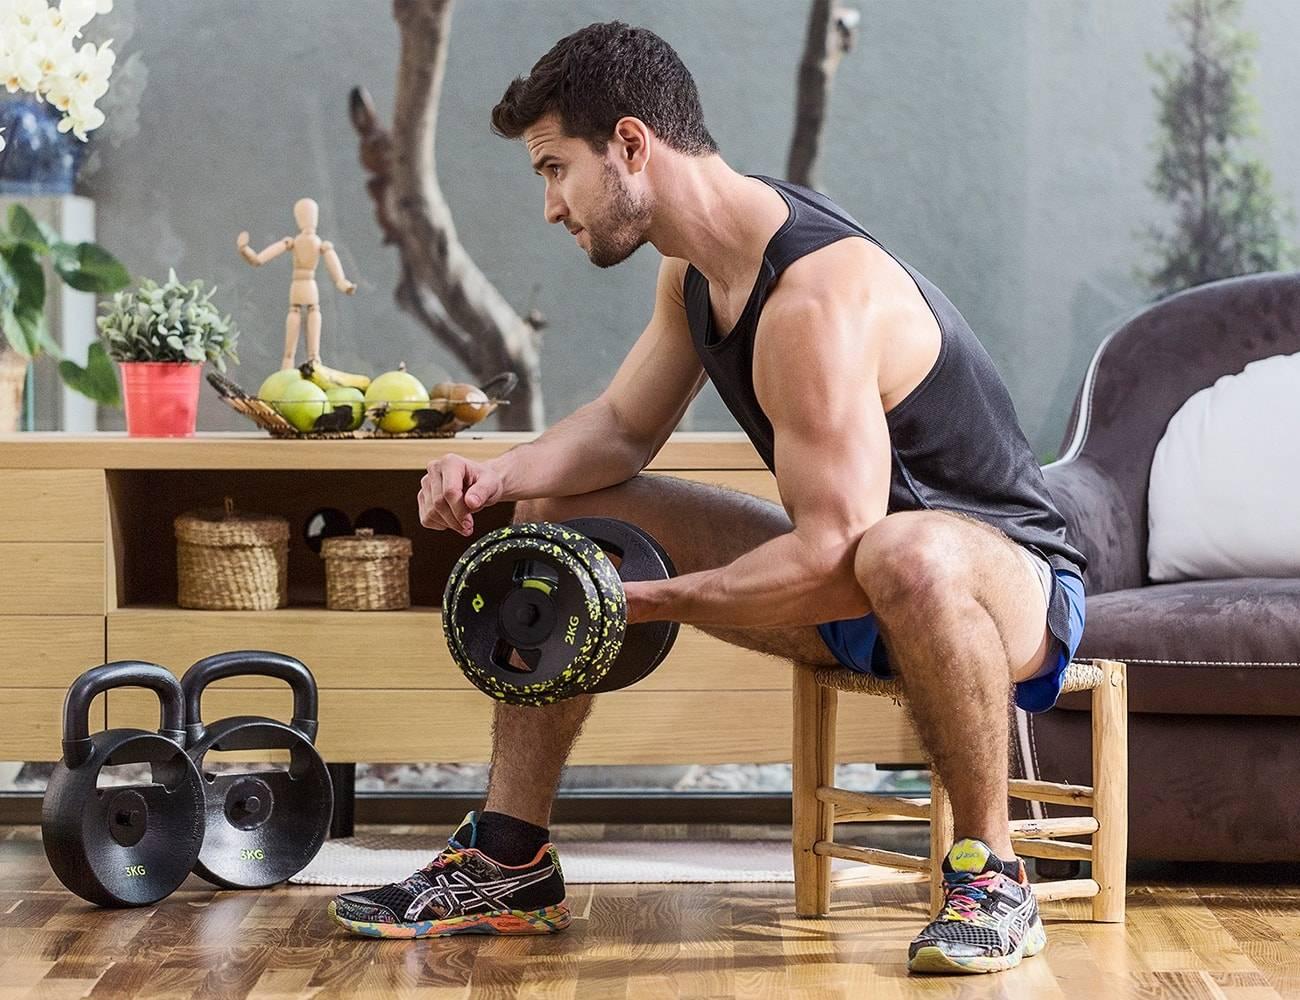 Как начать заниматься спортом: с чего в спортзале начинающему?